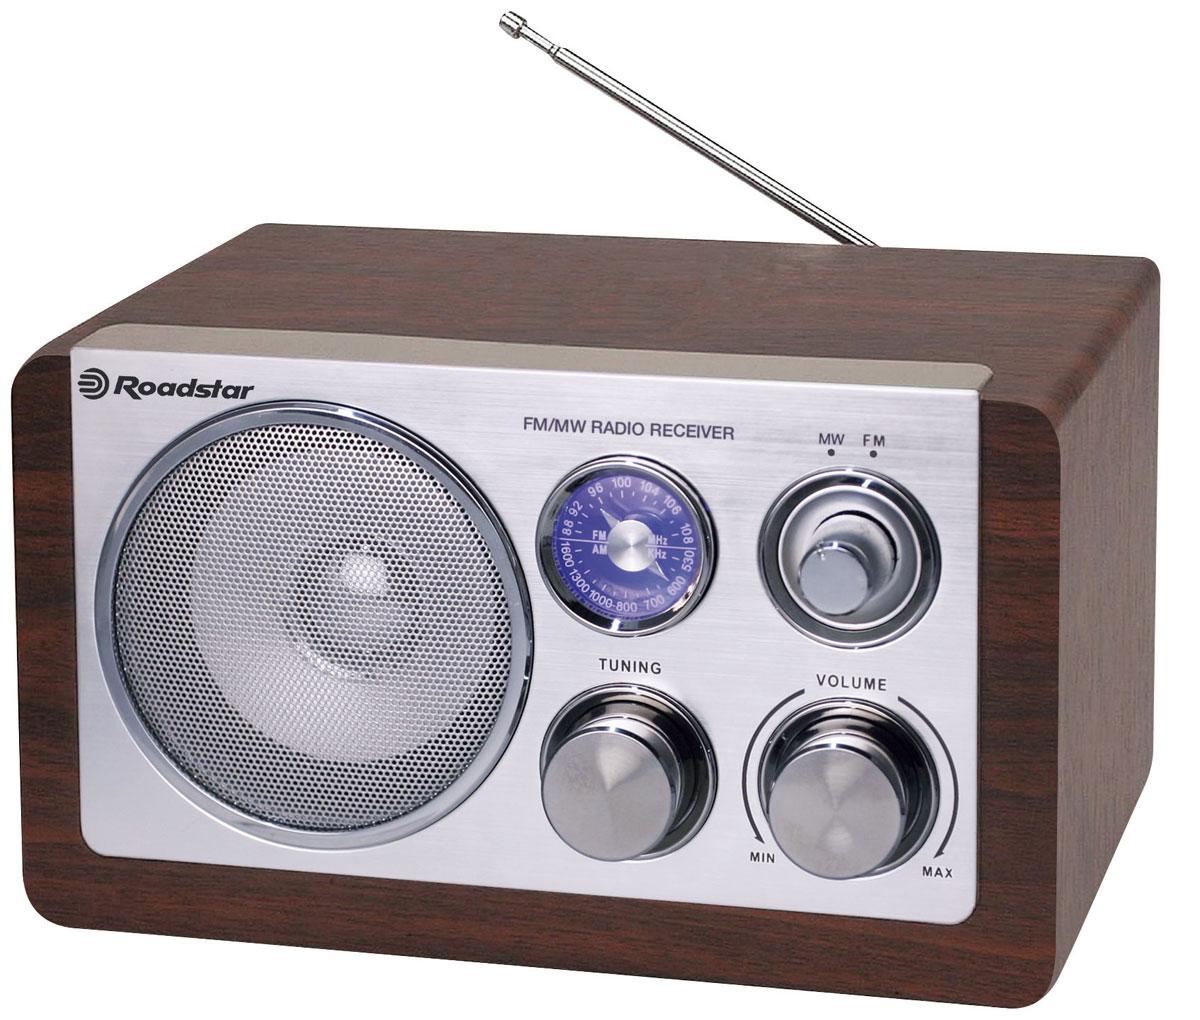 RoadStar HRA-1200N/WD, Wood, ретро-радиоприемникHRA-1200N/WDОригинальный проигрыватель RoadStar HRA-1200N станет актуальным подарком для меломана или просто любителя ретро-дизайна. Внешне ретро проигрыватель напоминает старинные радиоприемники. Корпус изготовлен из полированного дерева. Качественное звучание действительно поразит вас и доставит удовольствие при прослушивании любимых радиостанций.